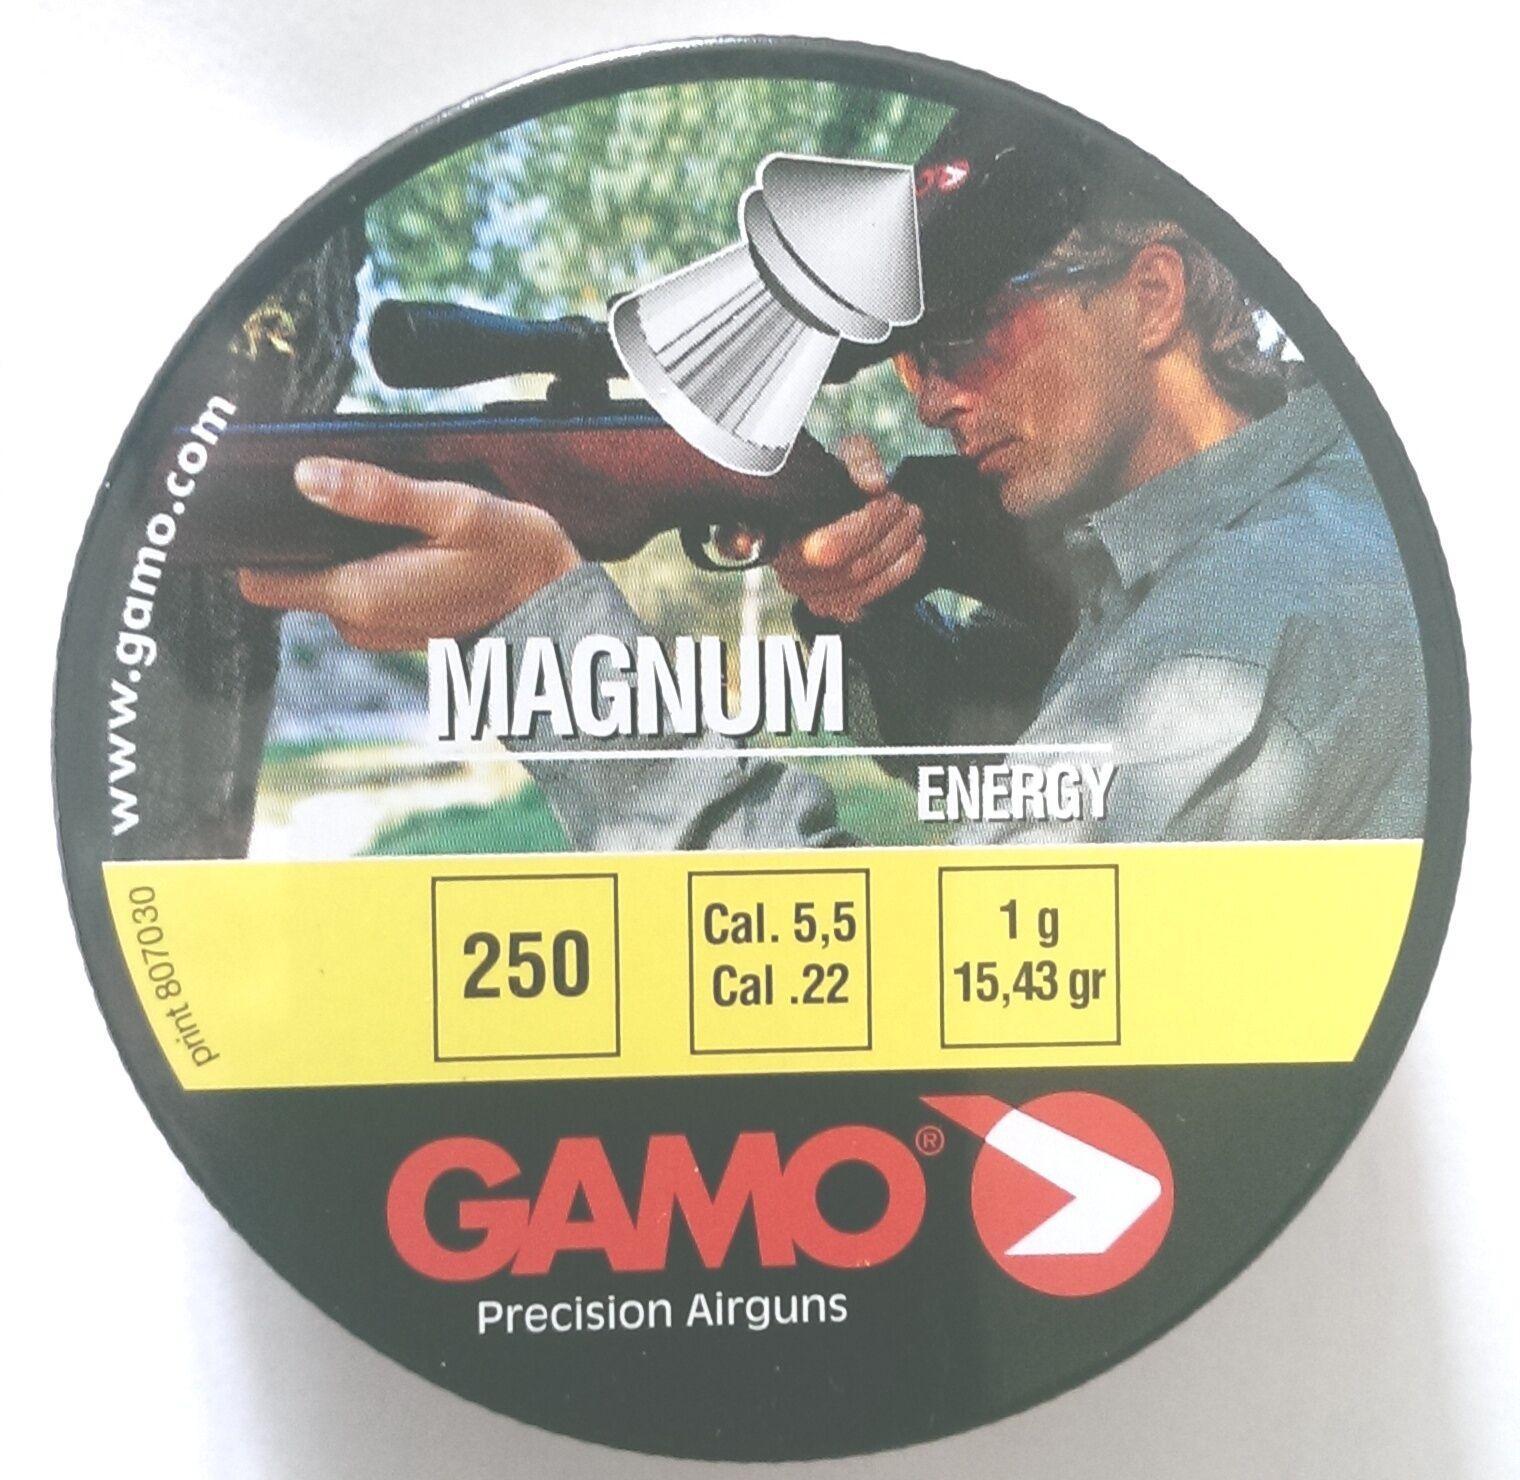 Zwei Dosen (500) Gamo .22 Magnum Energie Luftgewehr Pistole Pellets 5.5mm BSA